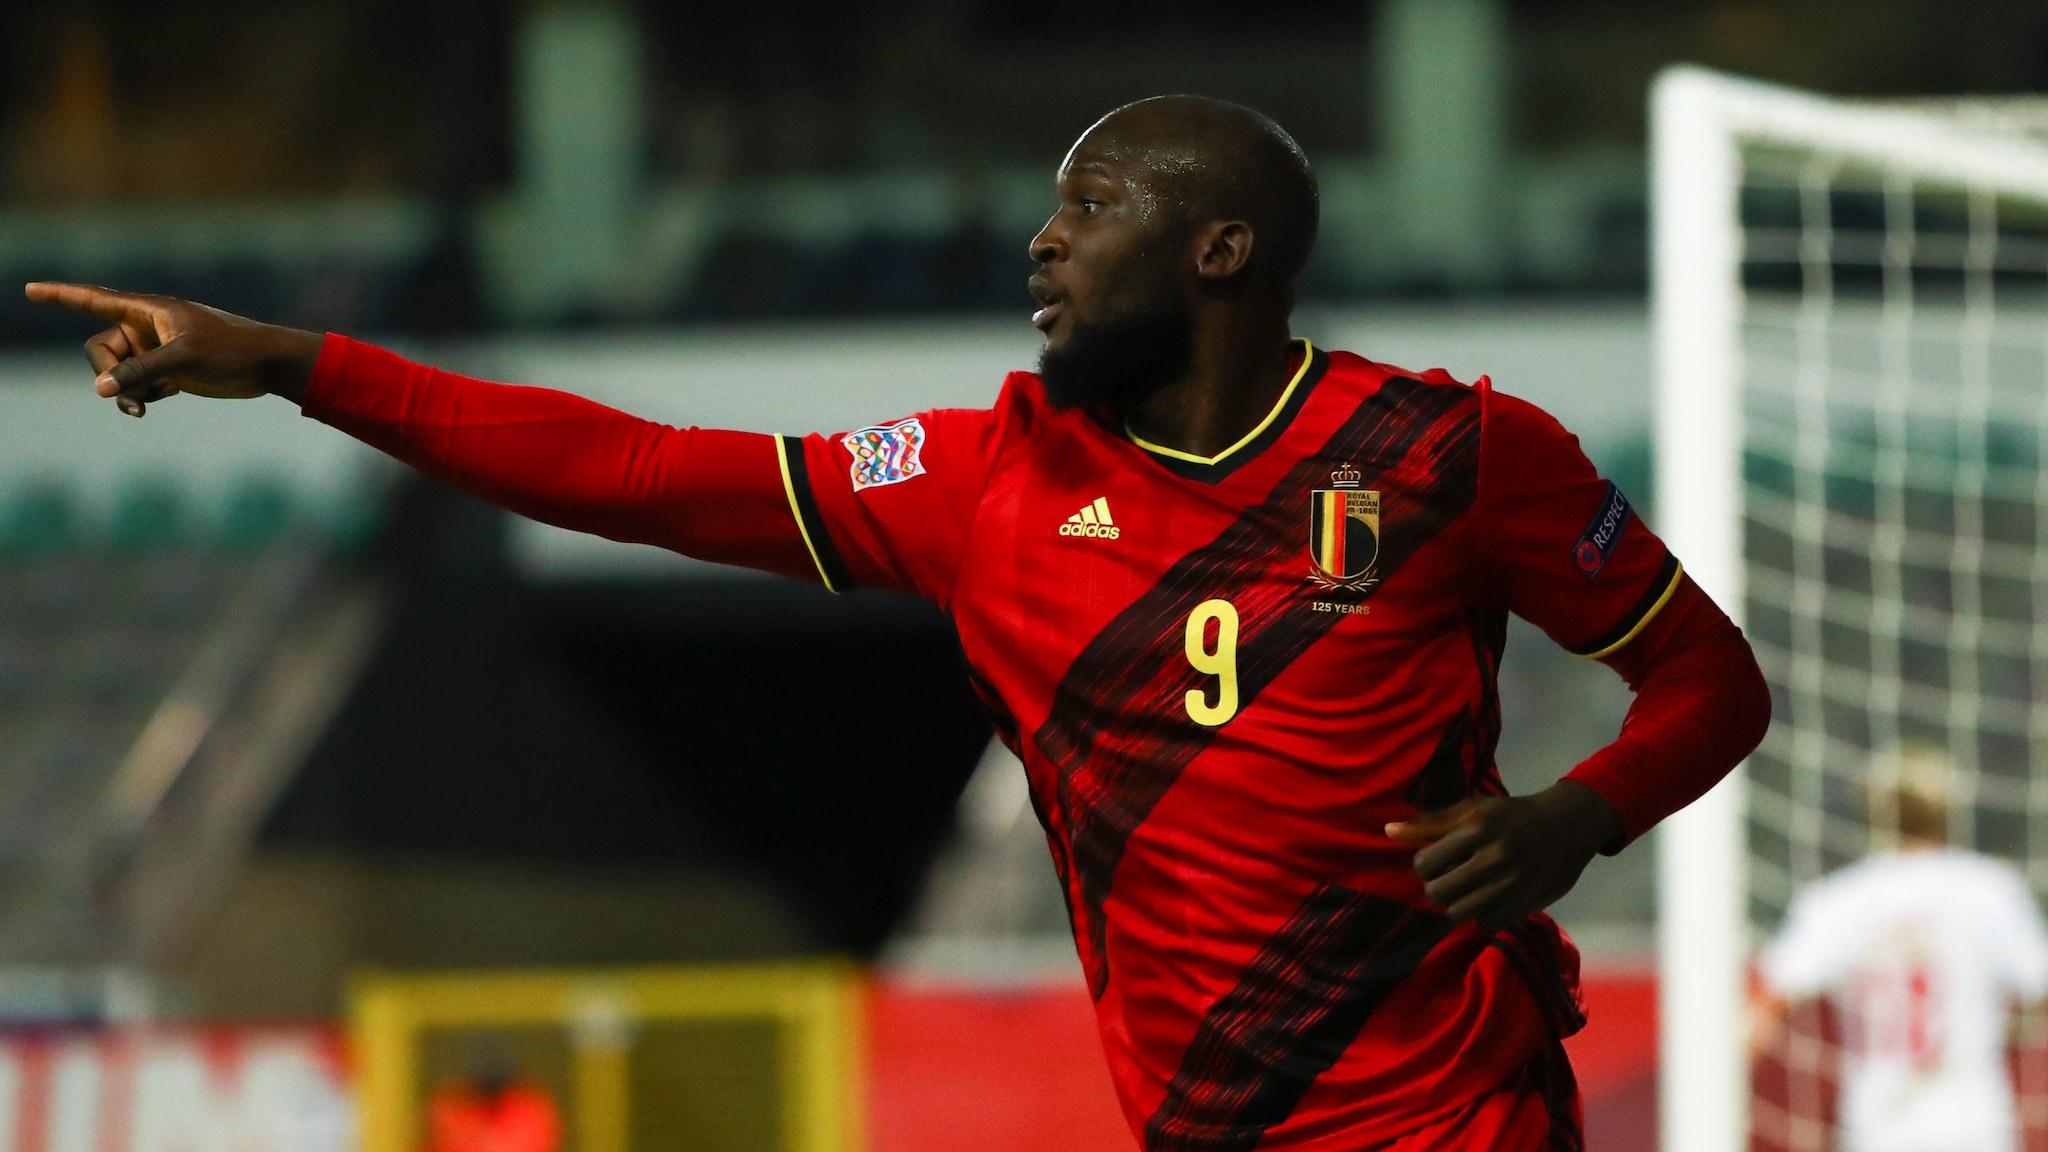 hesabat: Belçika 4-2 Danimarka